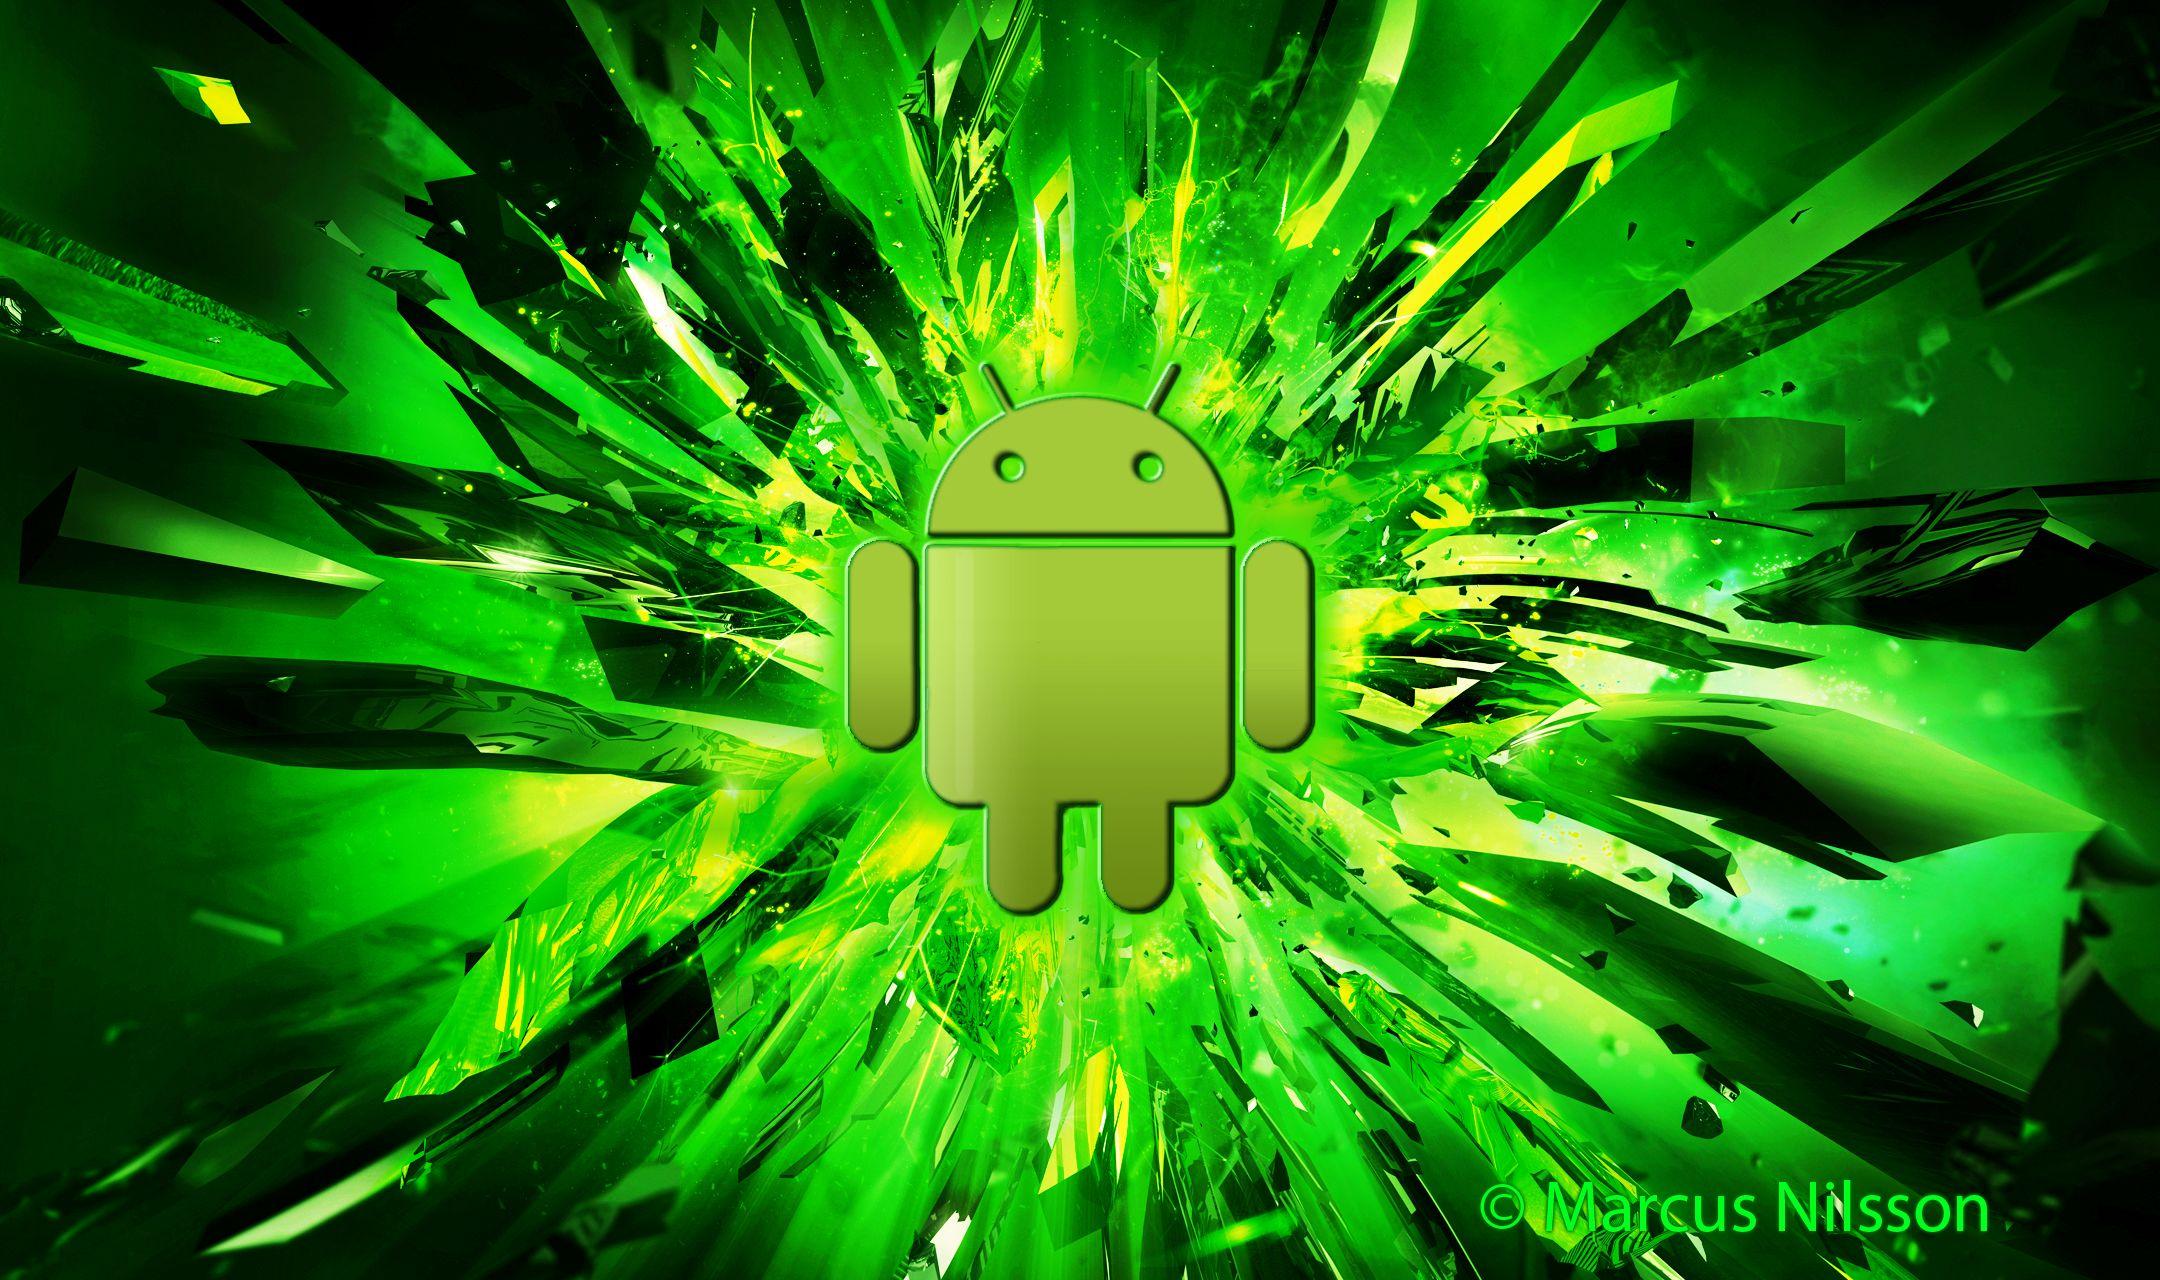 Kumpulan Gambar Wallpaper Untuk android - Kumpulan Wallpaper